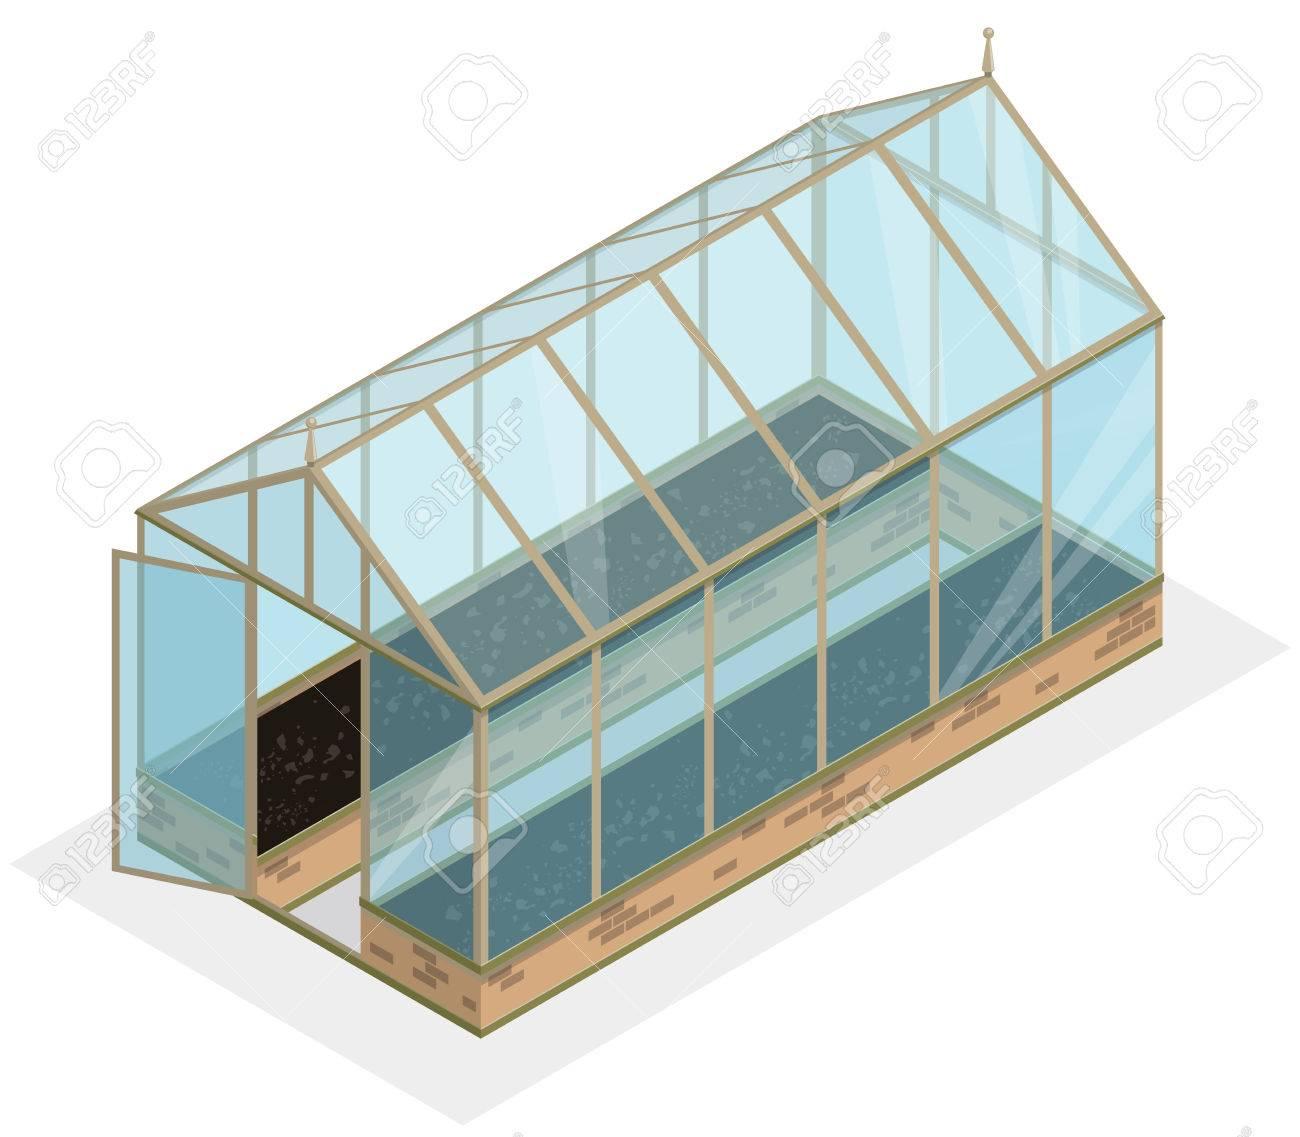 isometrischen gewächshaus mit glaswänden, fundamente, giebeldach und